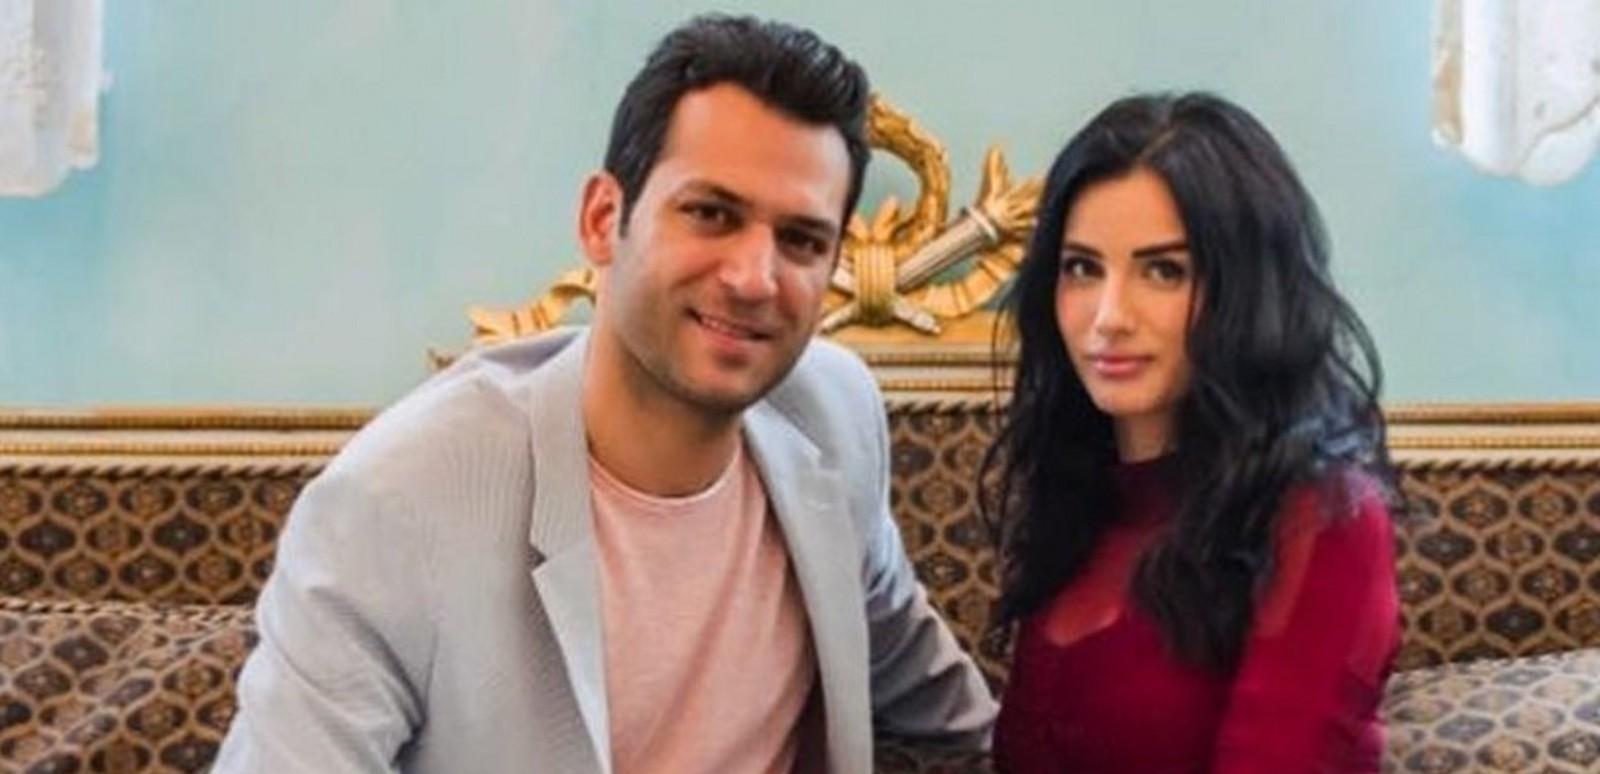 إيمان الباني تفاجئ زوجها مراد يلدريم بعيد ميلاده.. بالفيديو